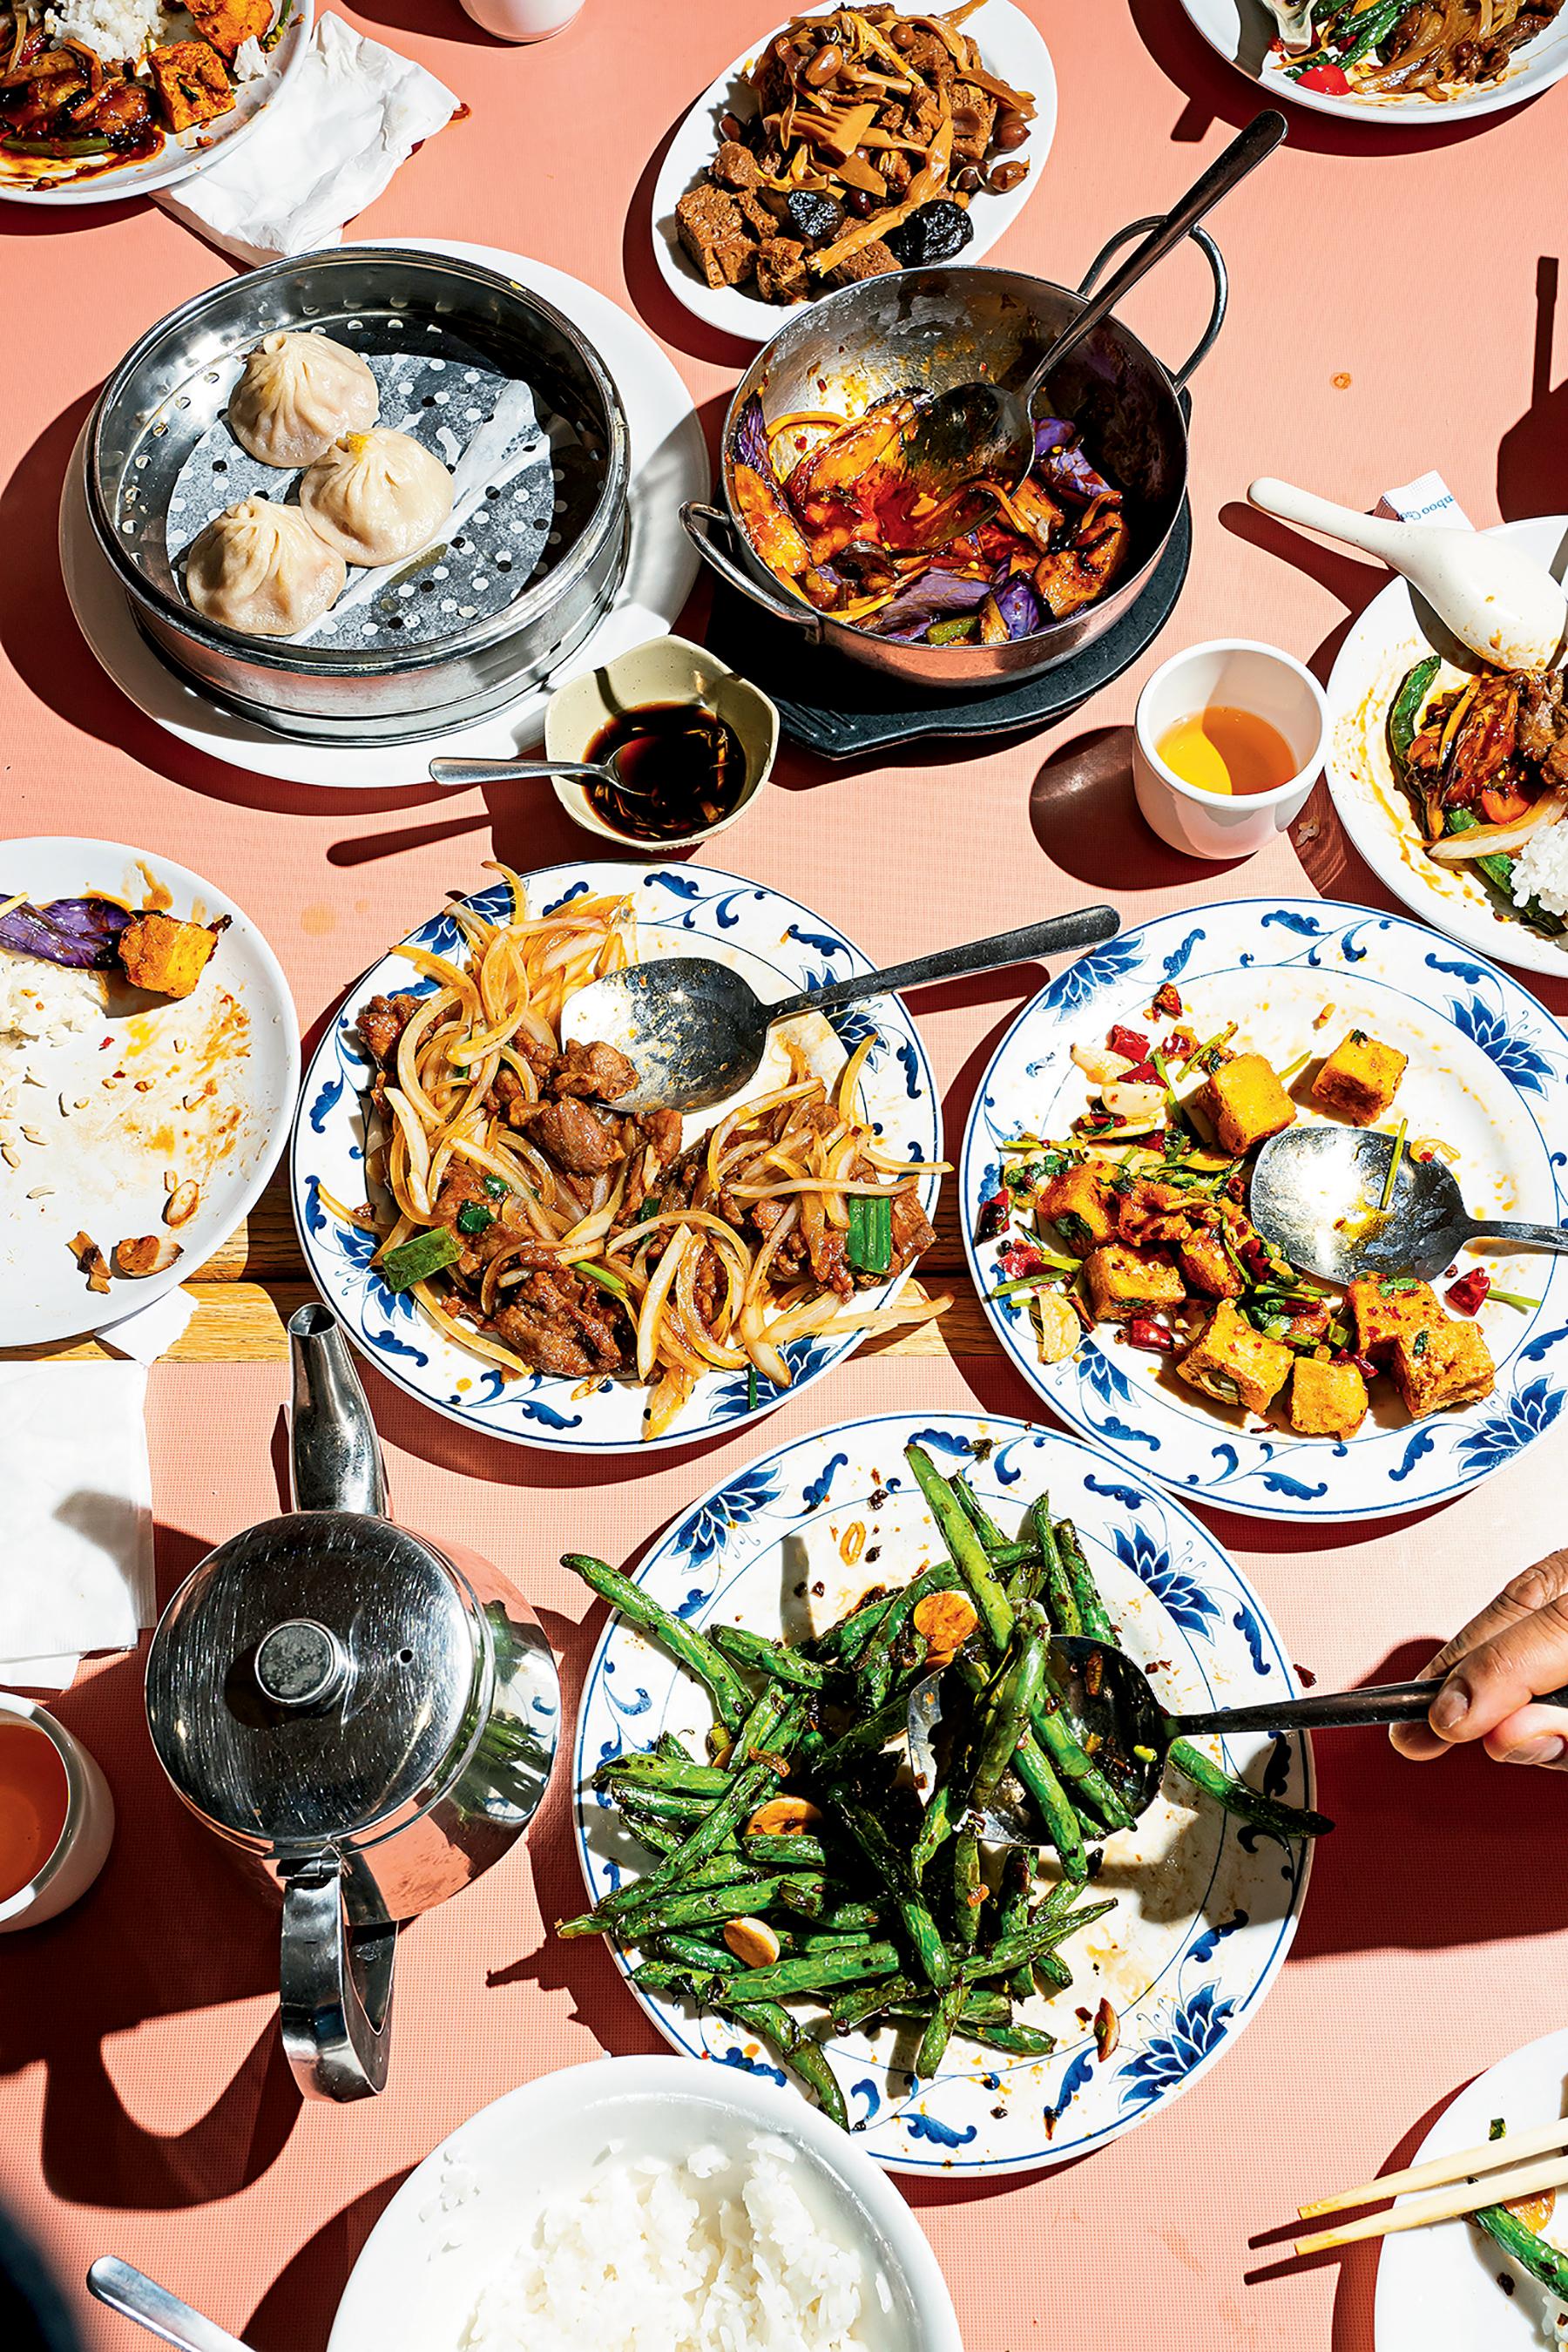 A shareable feast at Bob's Shanghai 66.